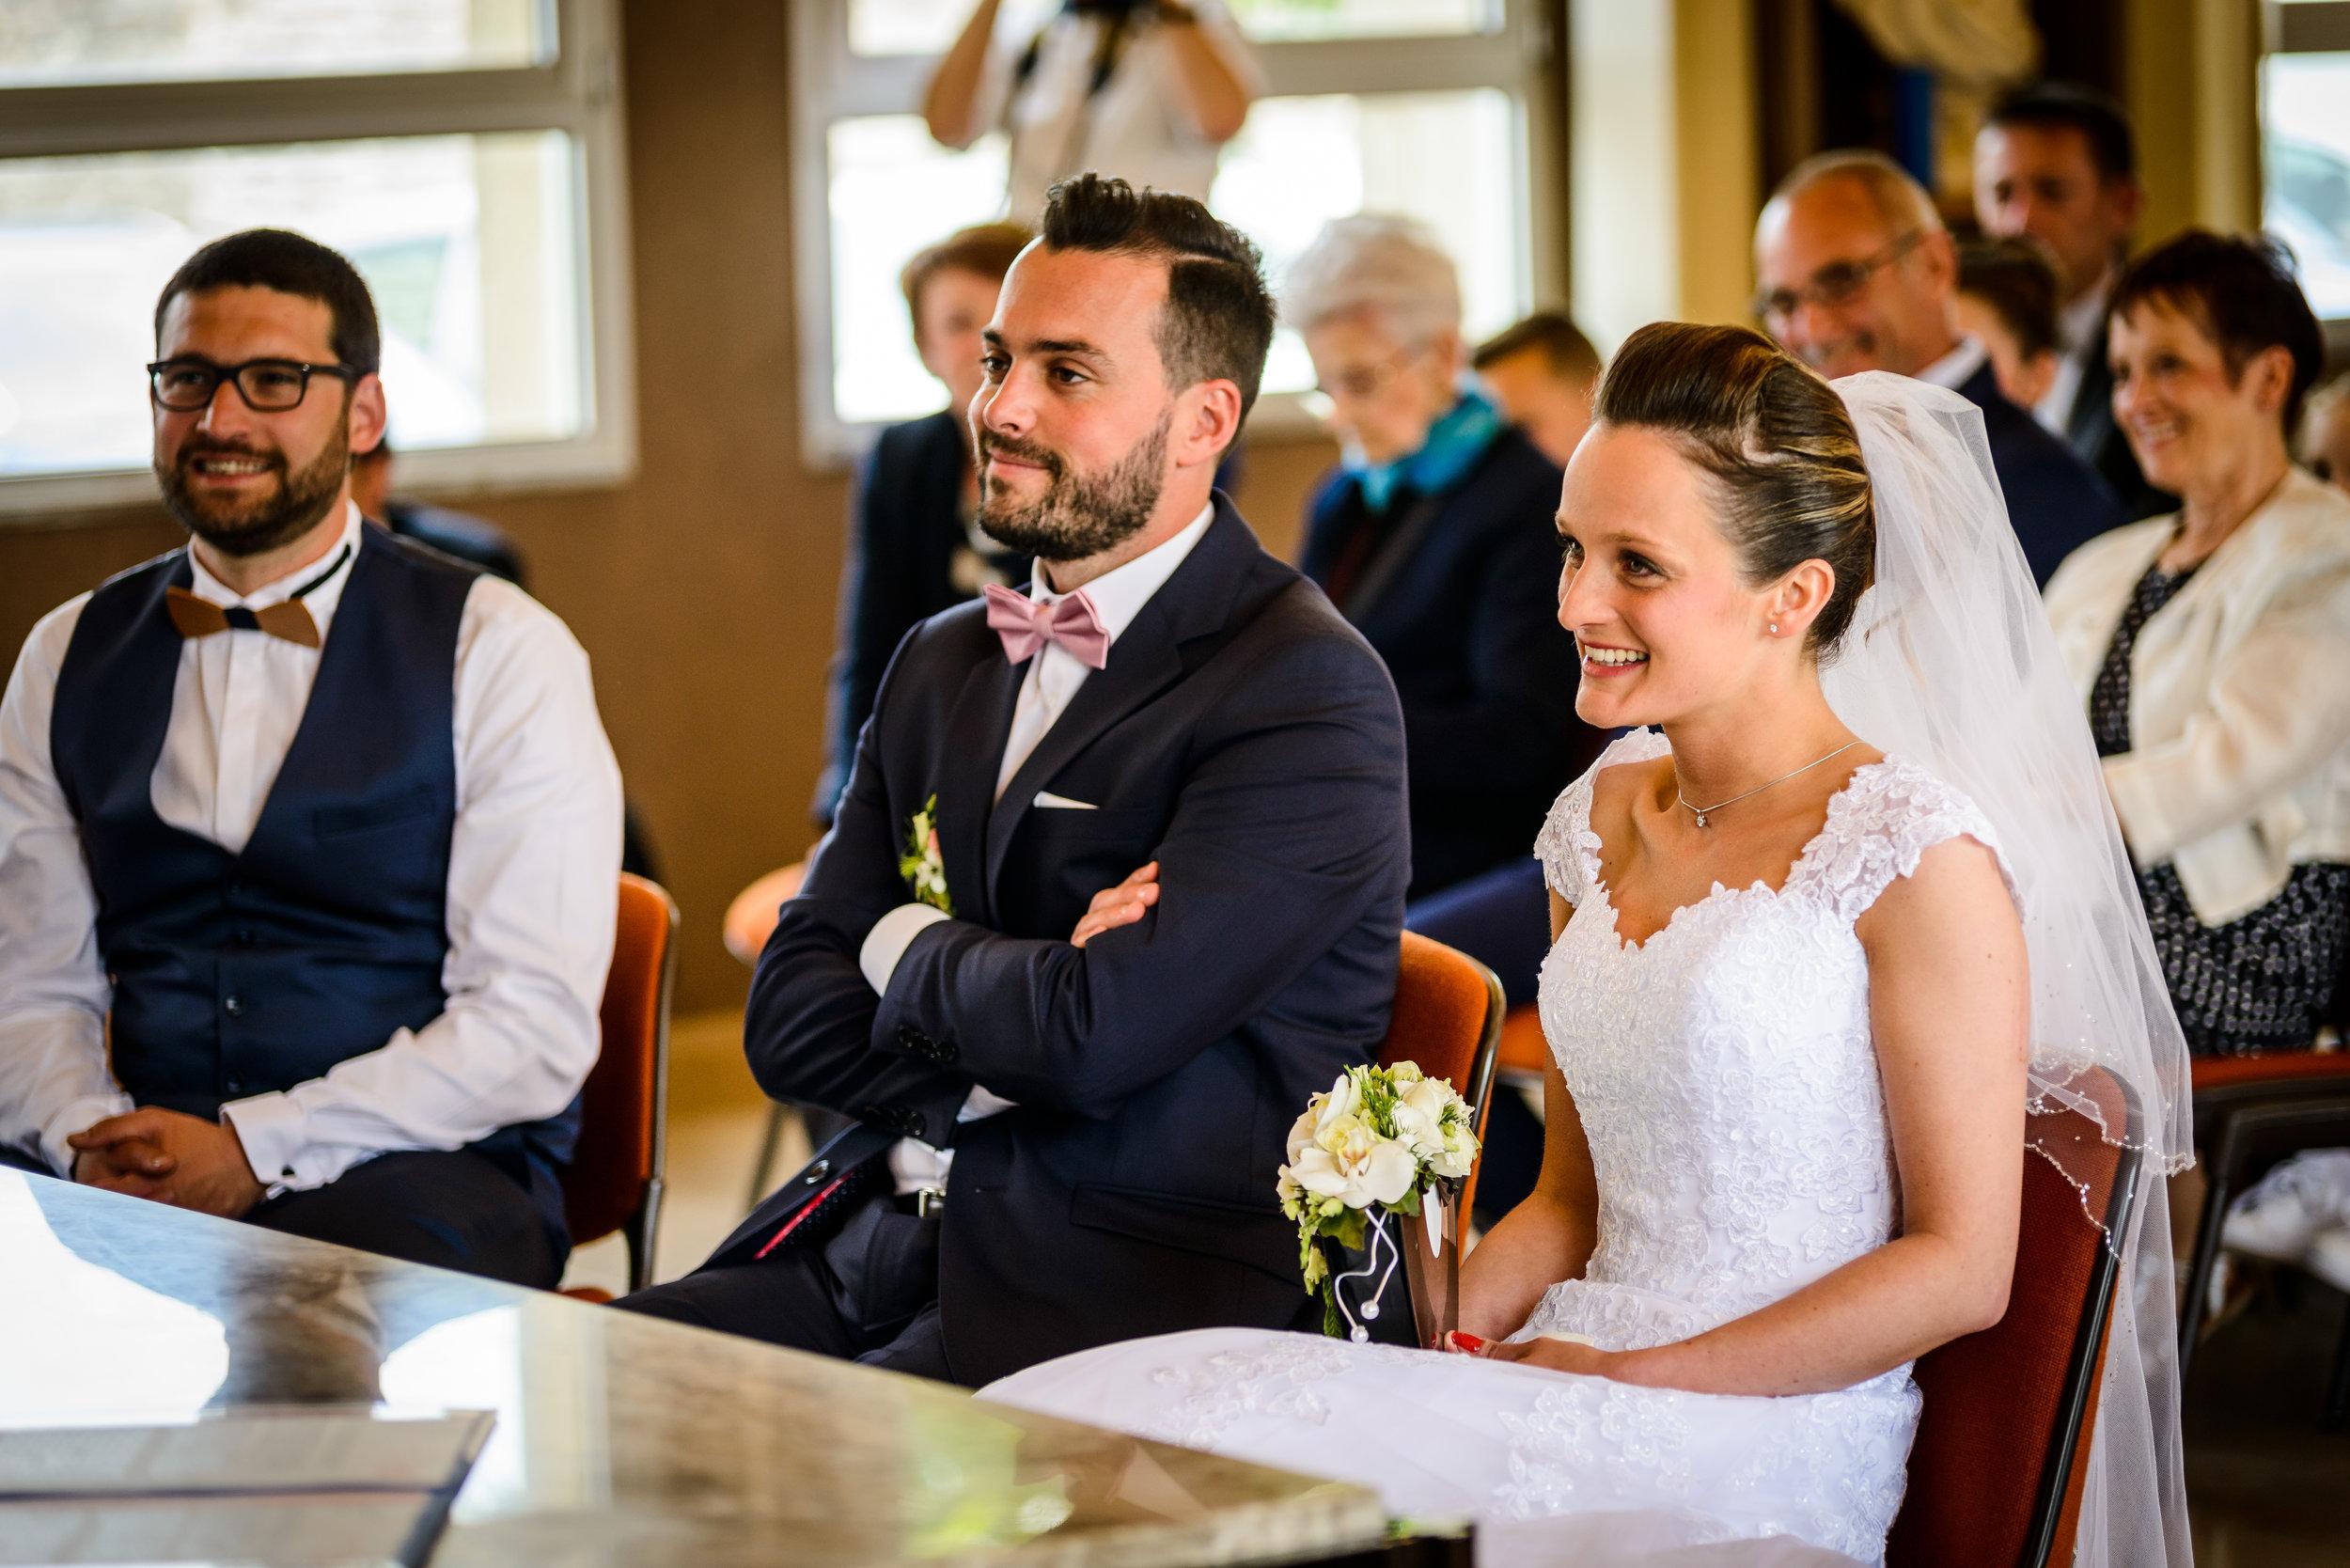 Sophie et Romain - Mot de passe: la date du mariage au format 000000 (ex: 140718)